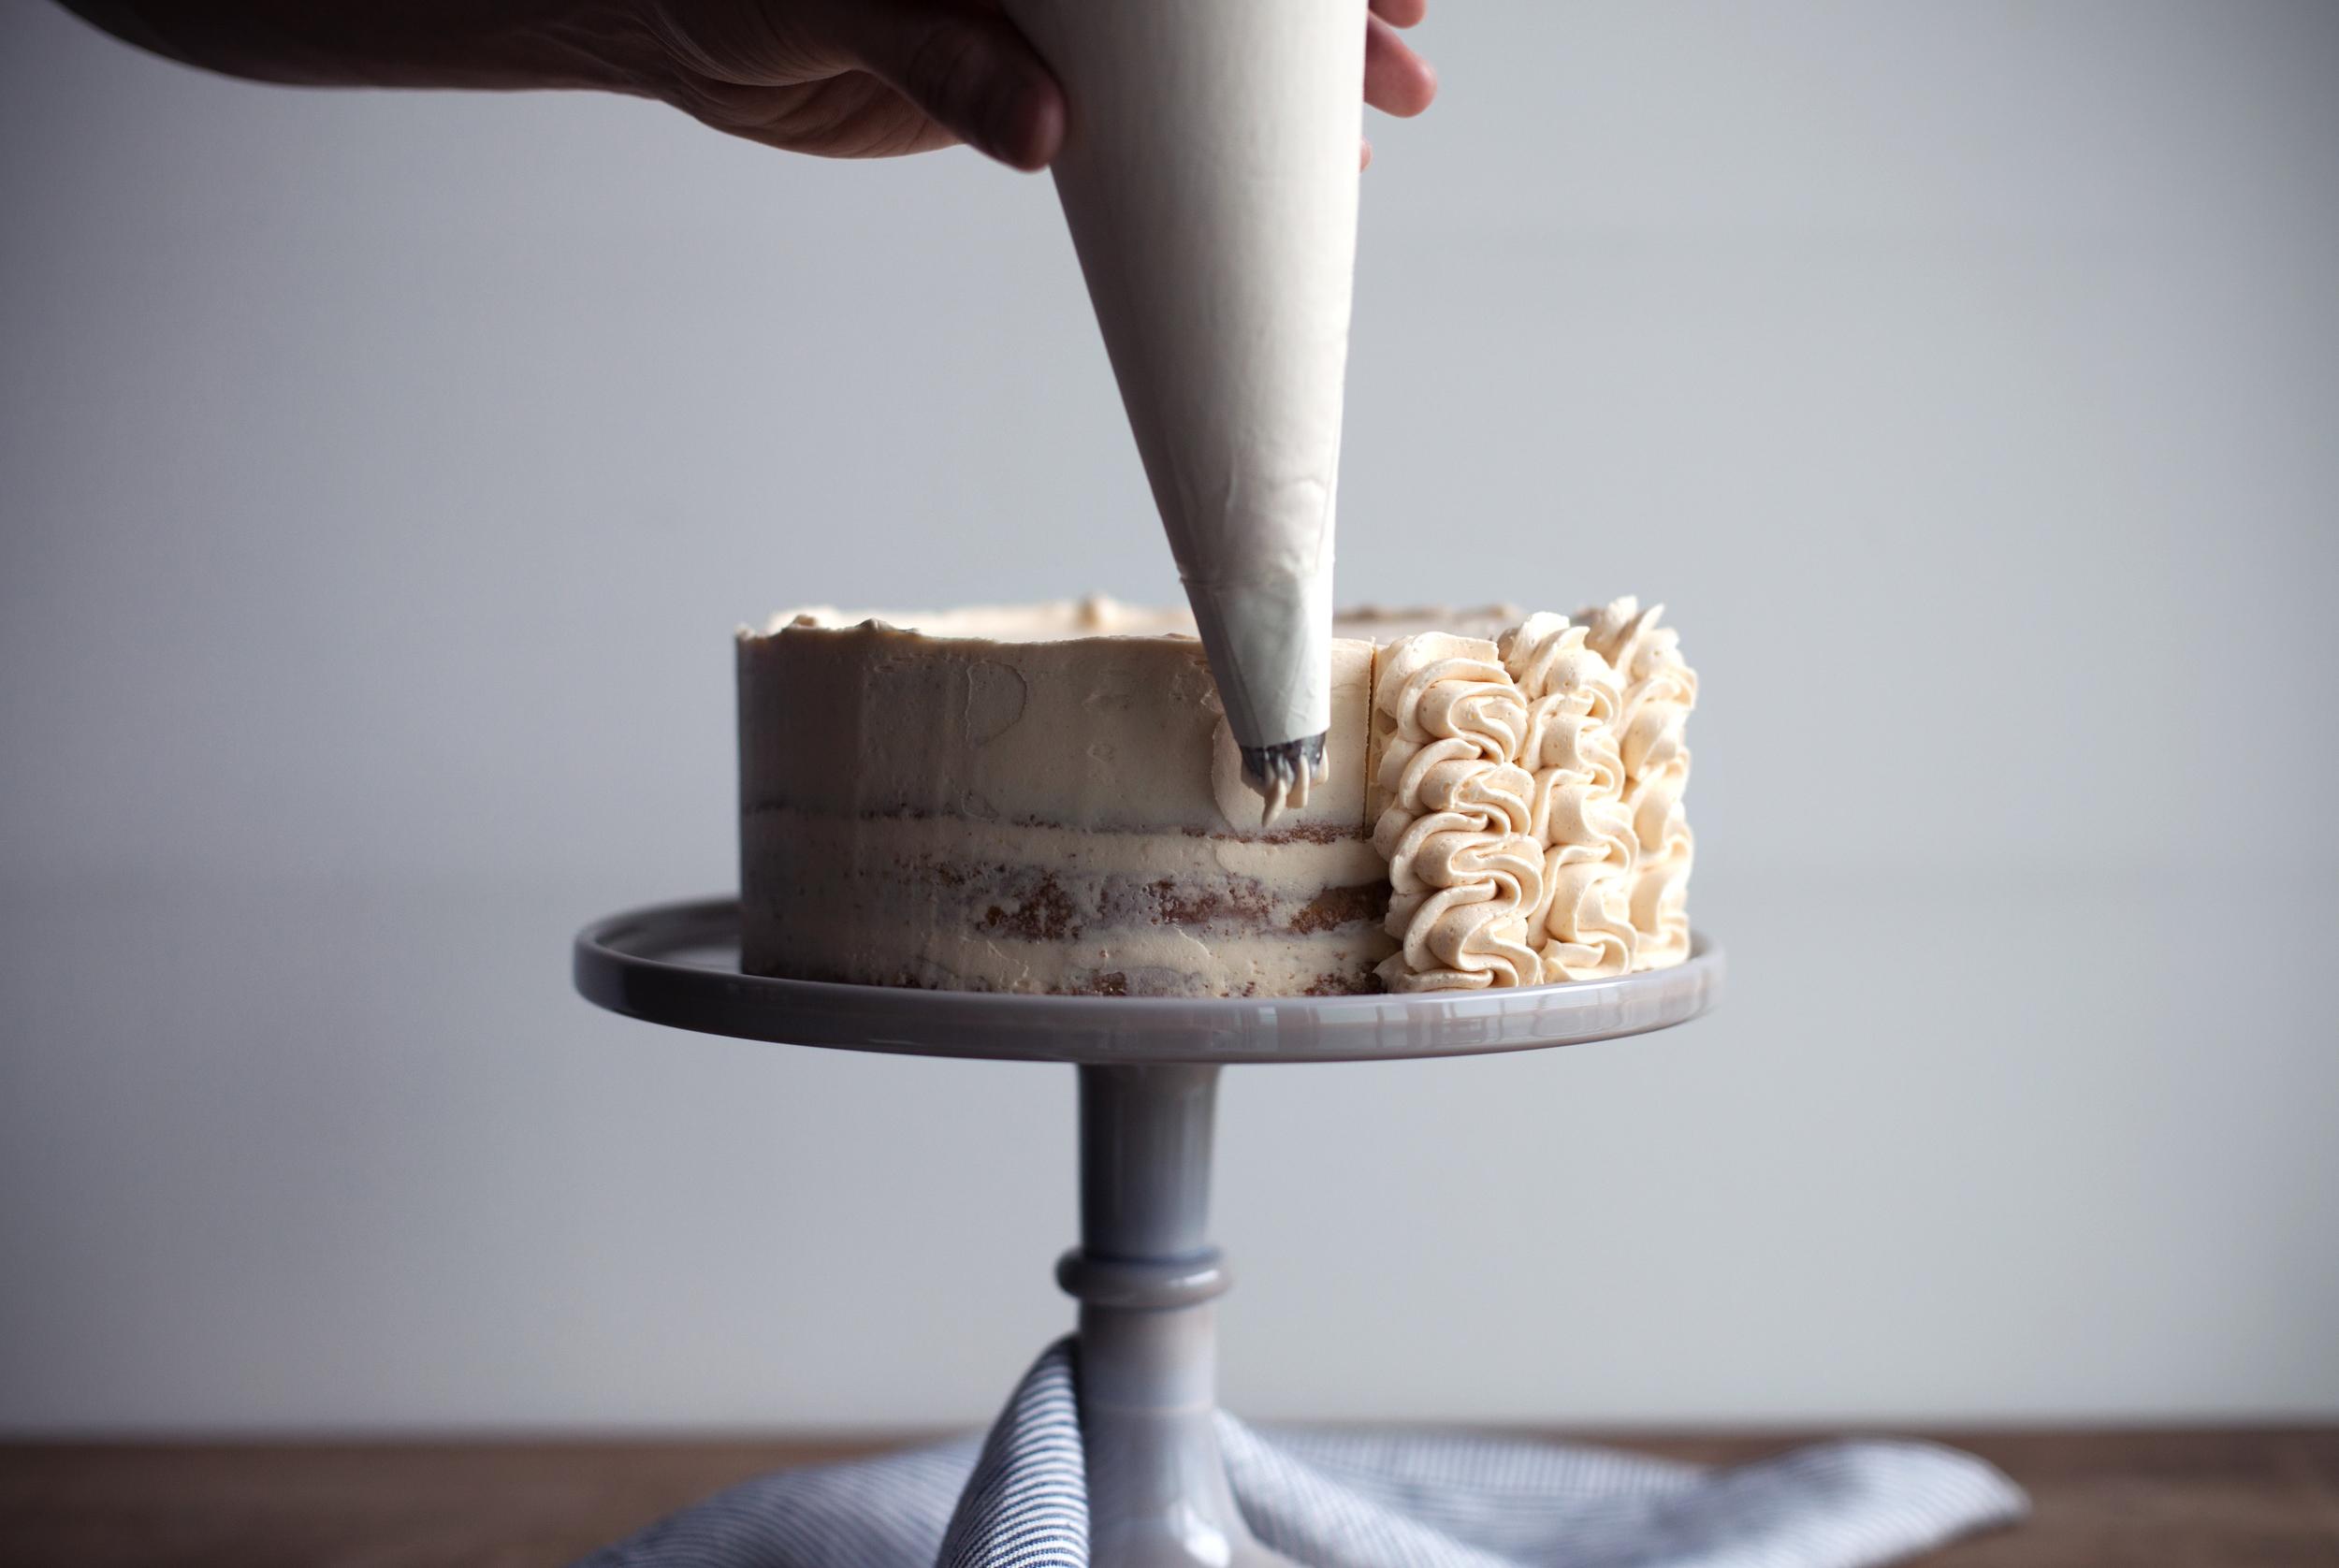 peanut butter & jelly cake ii.jpg